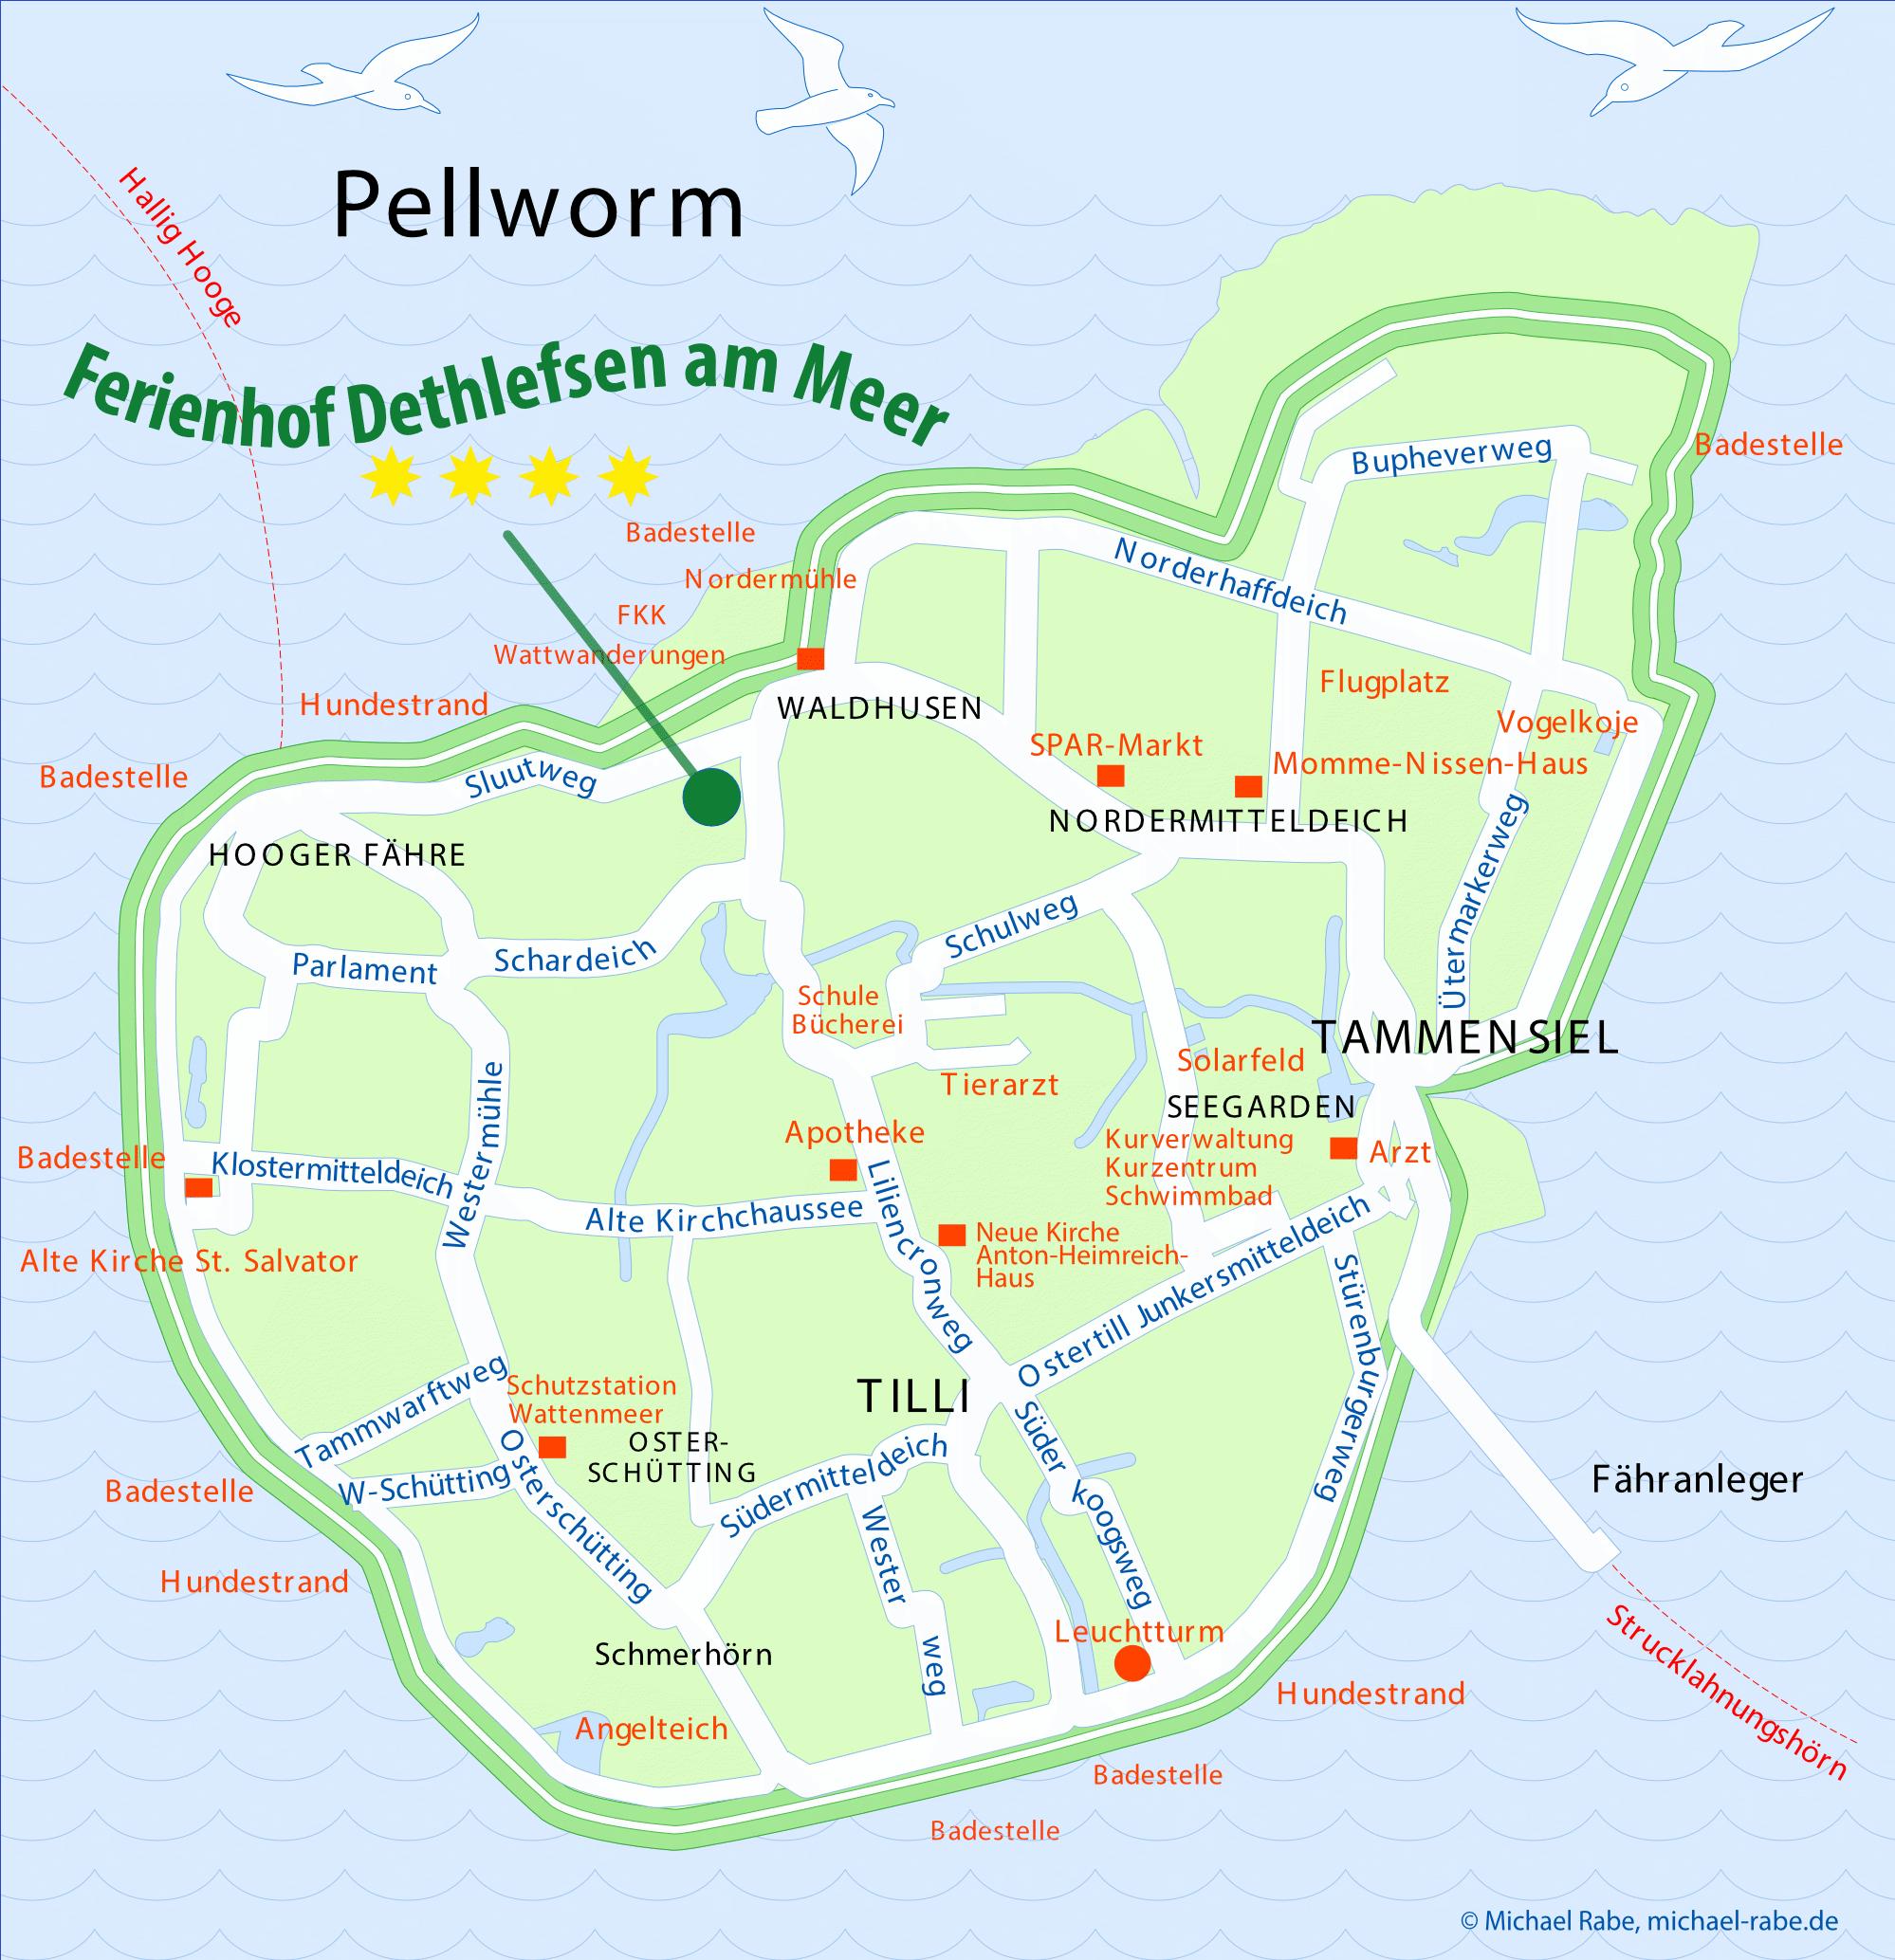 Pellworm Karte.Ferienhof Dethlefsen Am Meer Ferien Auf Pellworm Urlaub